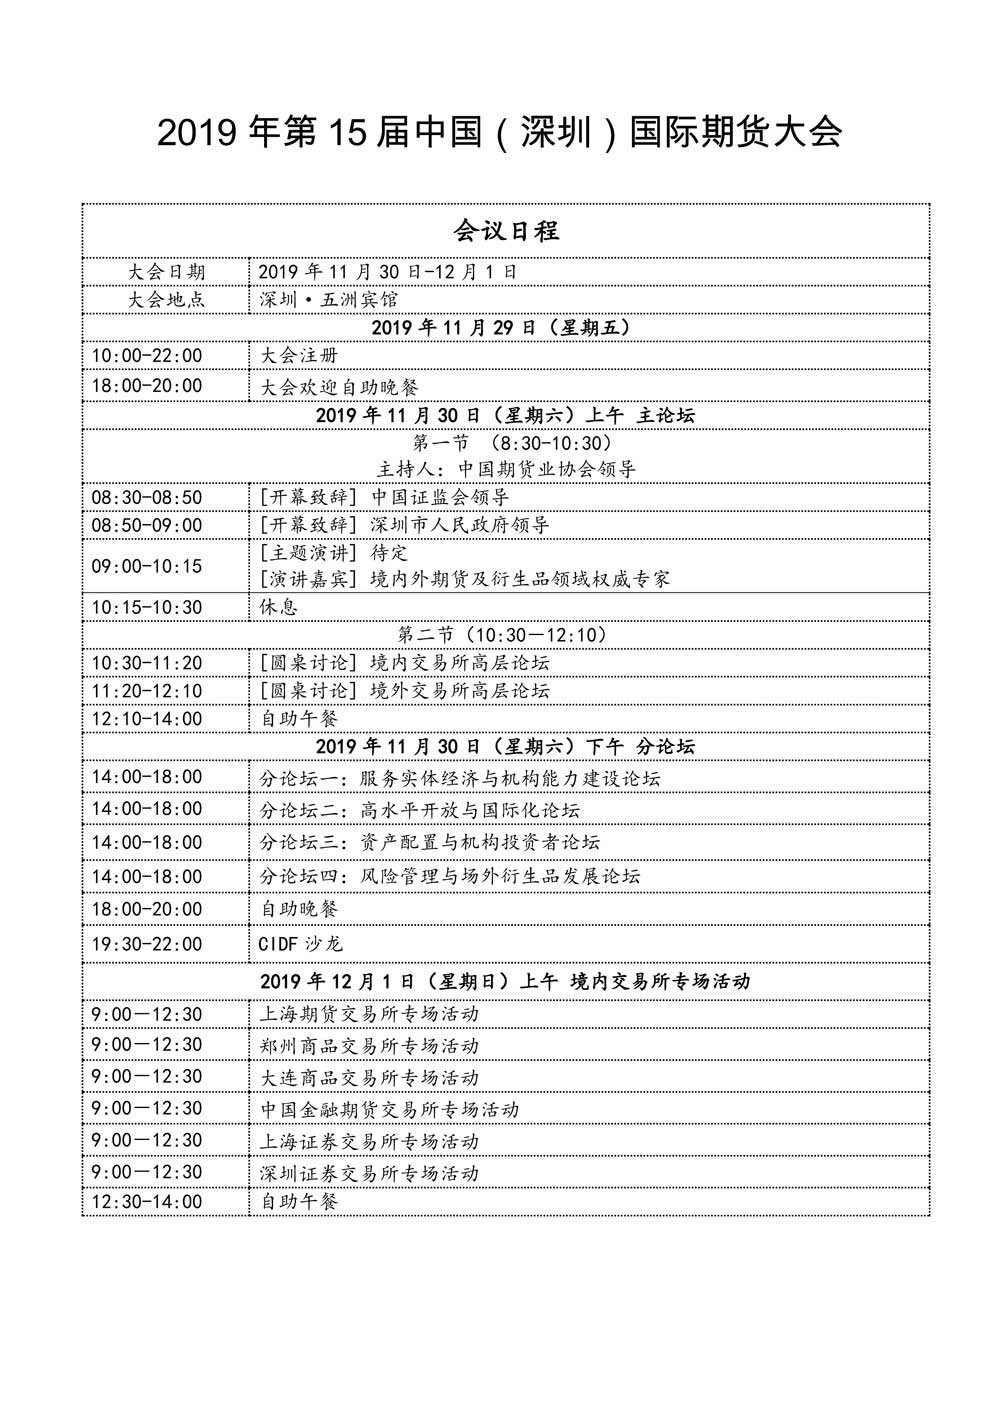 第15届中国(深圳)国际期货大会11月30日至12月1日将在深圳举行